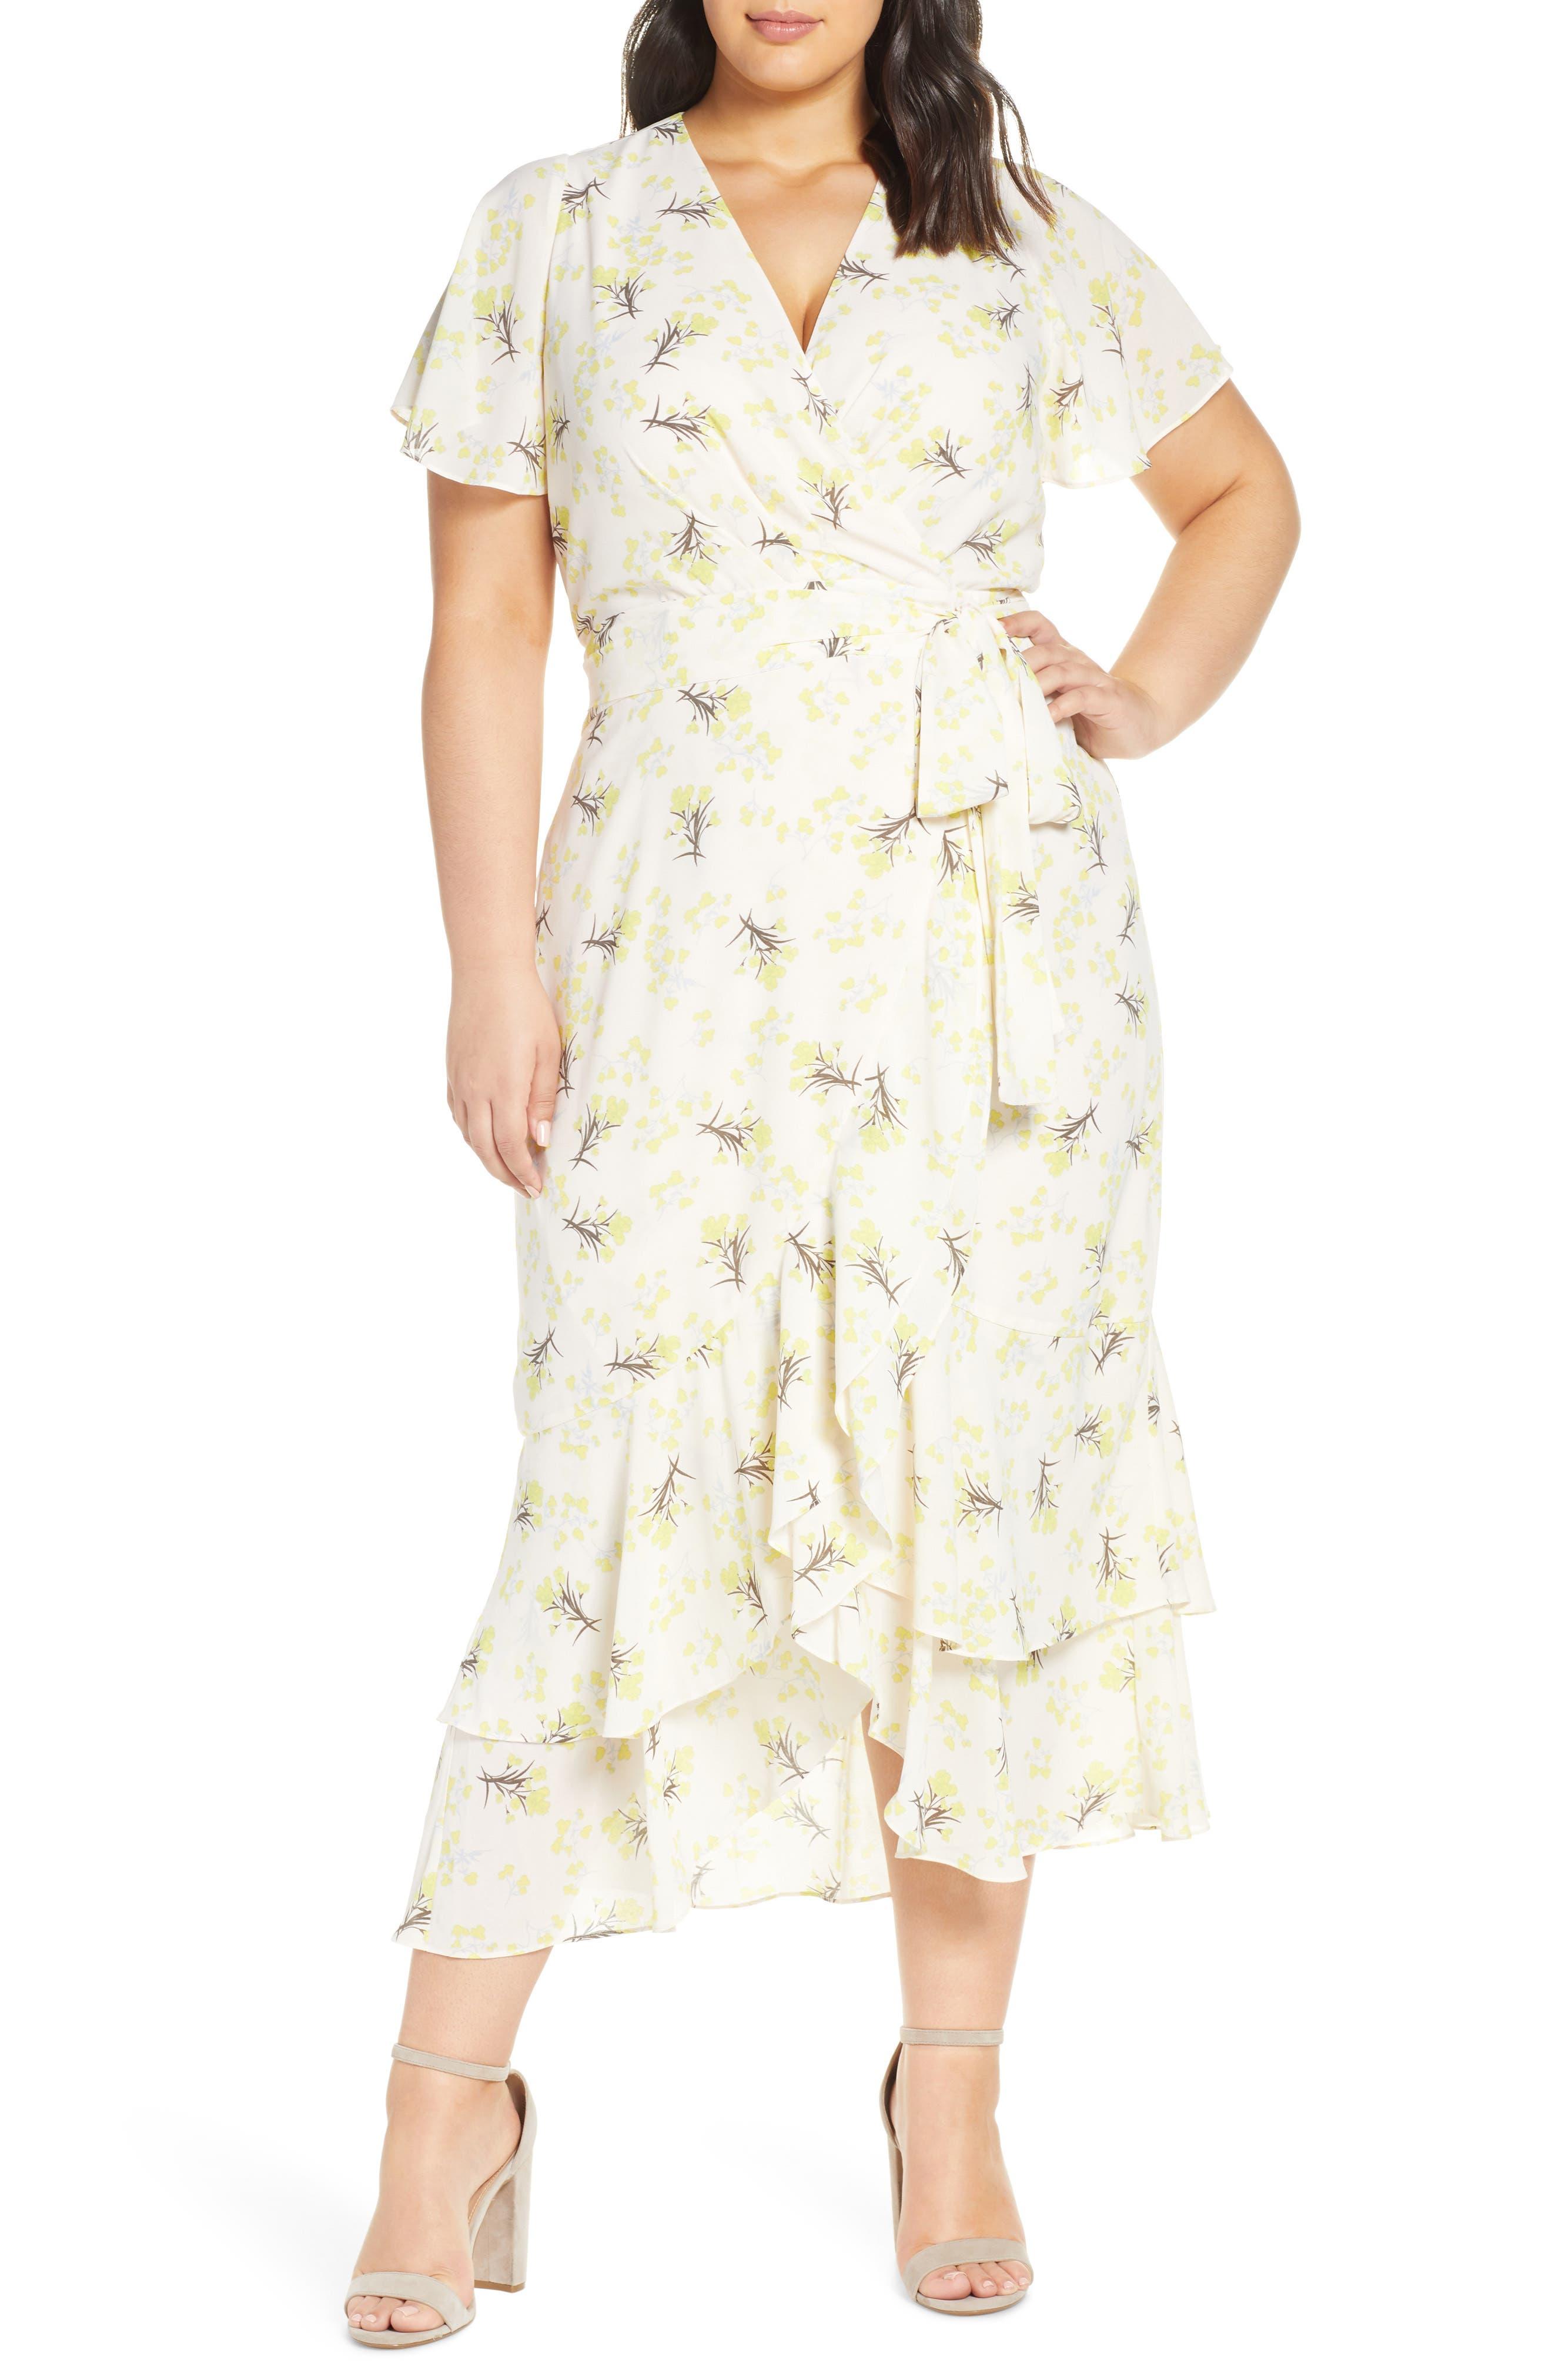 1930s Art Deco Plus Size Dresses | Tea Dresses, Party Dresses Plus Size Womens Rachel Rachel Roy Faux Wrap Midi Dress $159.00 AT vintagedancer.com